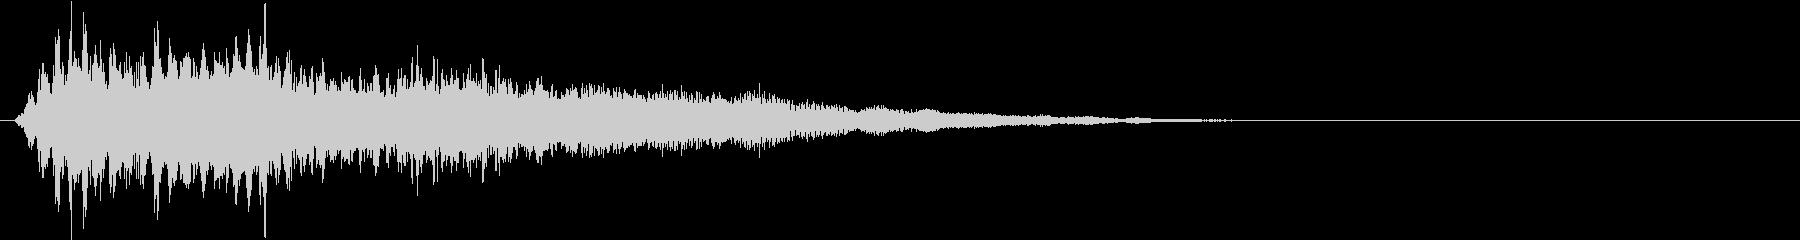 キルルフワー(自己啓発・PC起動・動画)の未再生の波形